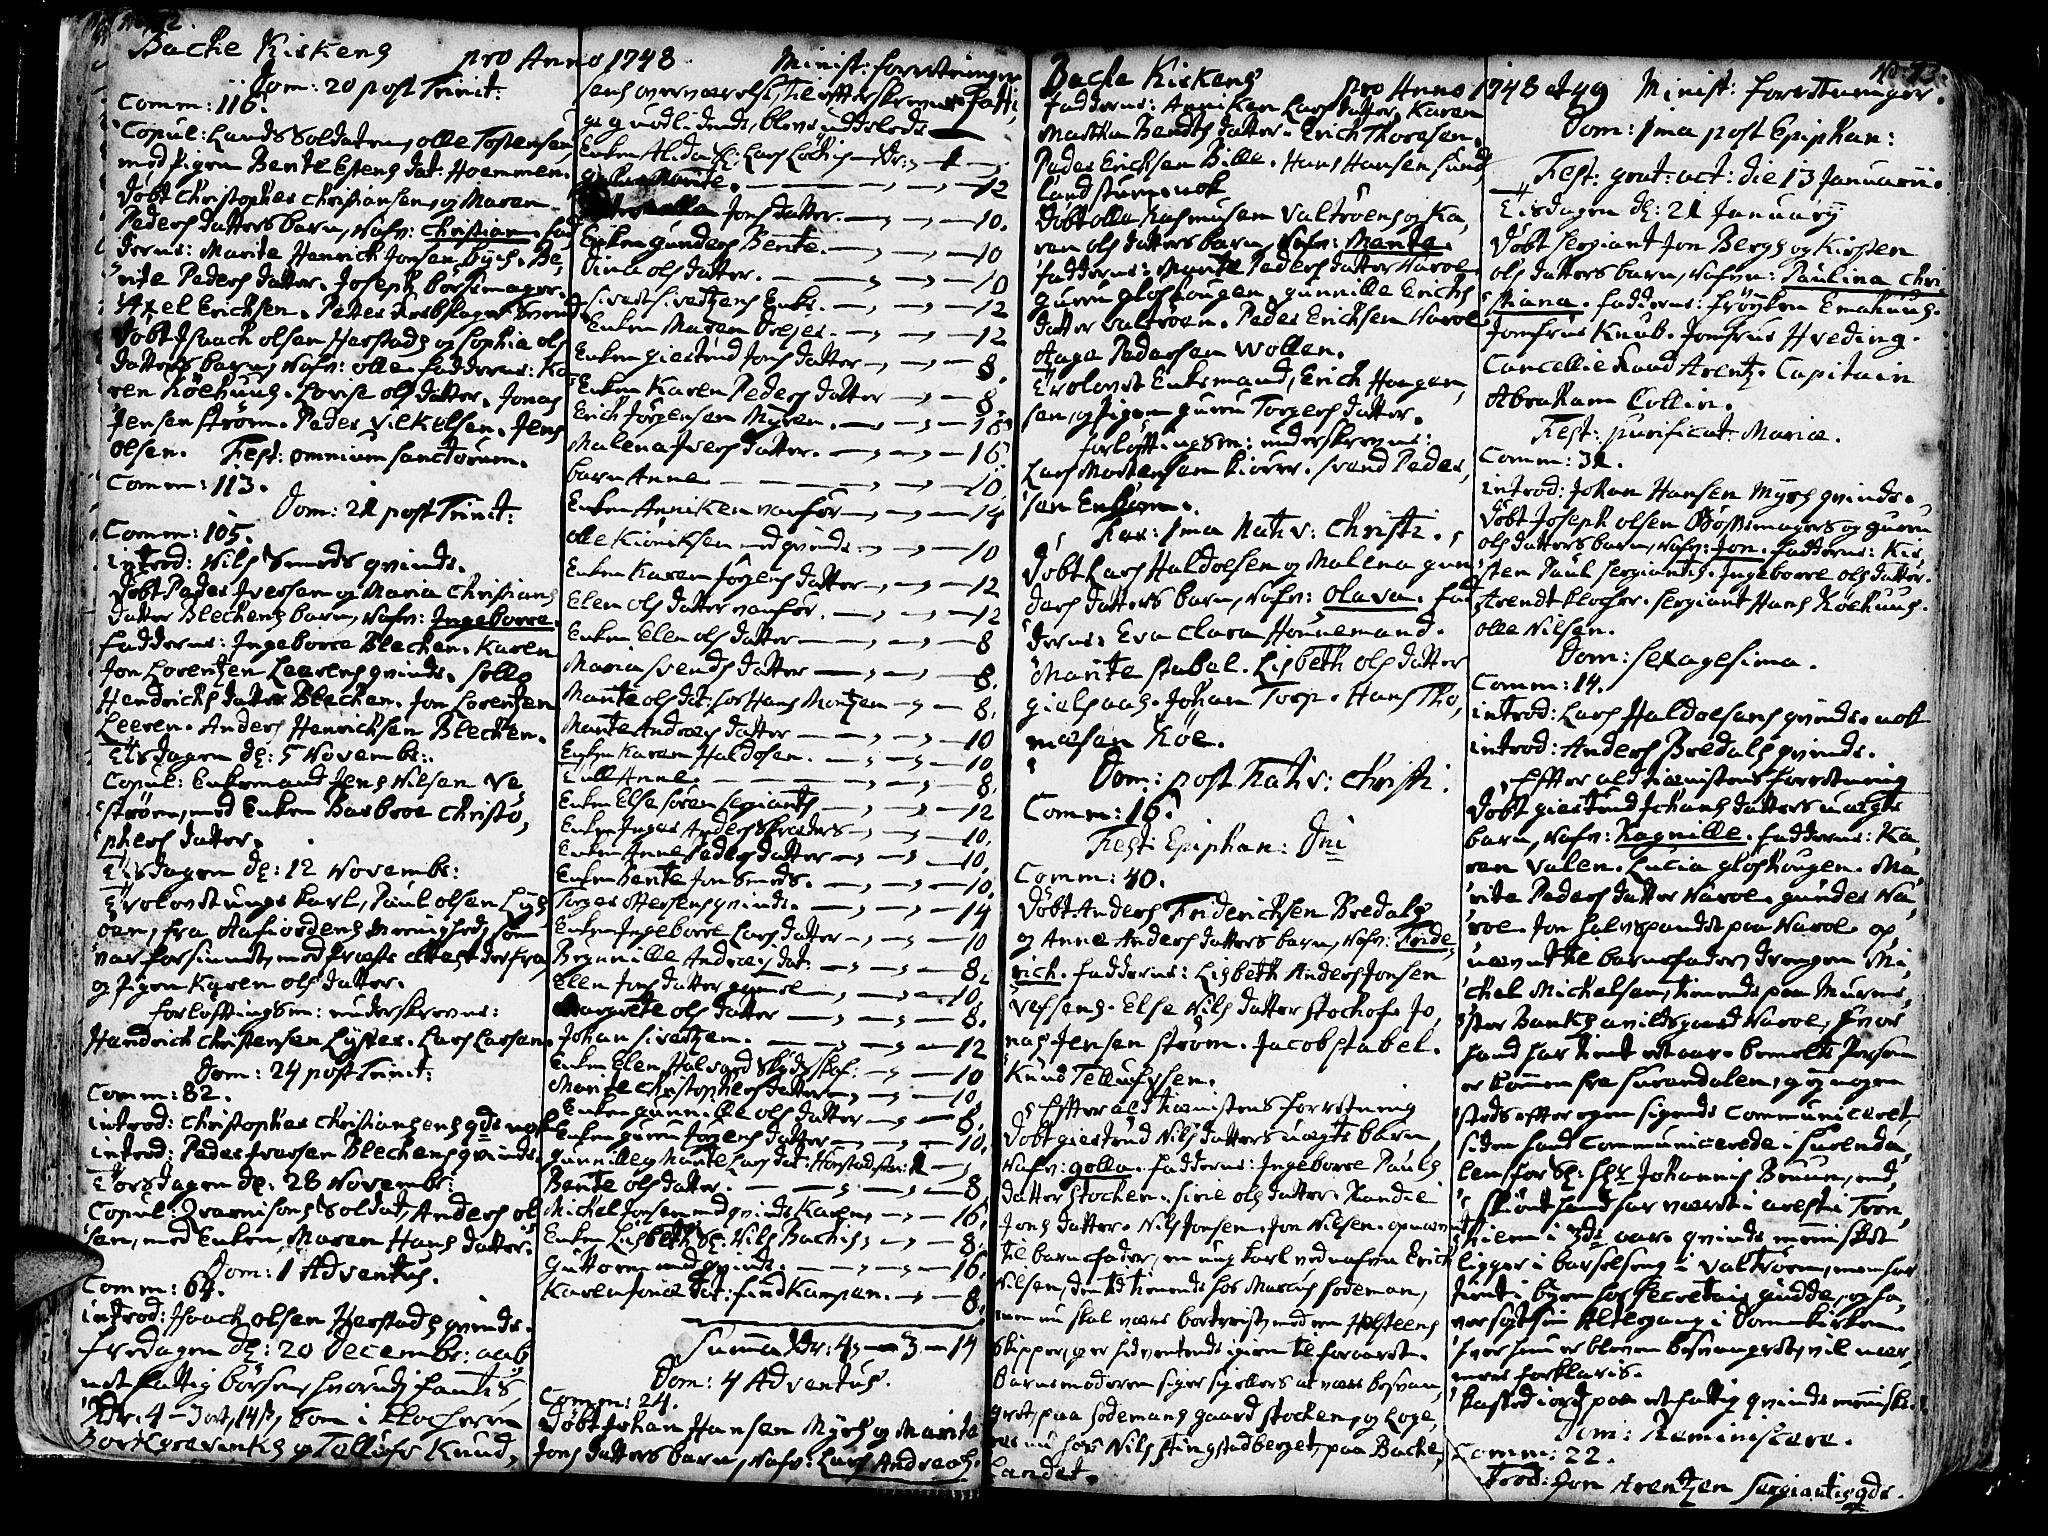 SAT, Ministerialprotokoller, klokkerbøker og fødselsregistre - Sør-Trøndelag, 606/L0276: Ministerialbok nr. 606A01 /2, 1727-1779, s. 72-73